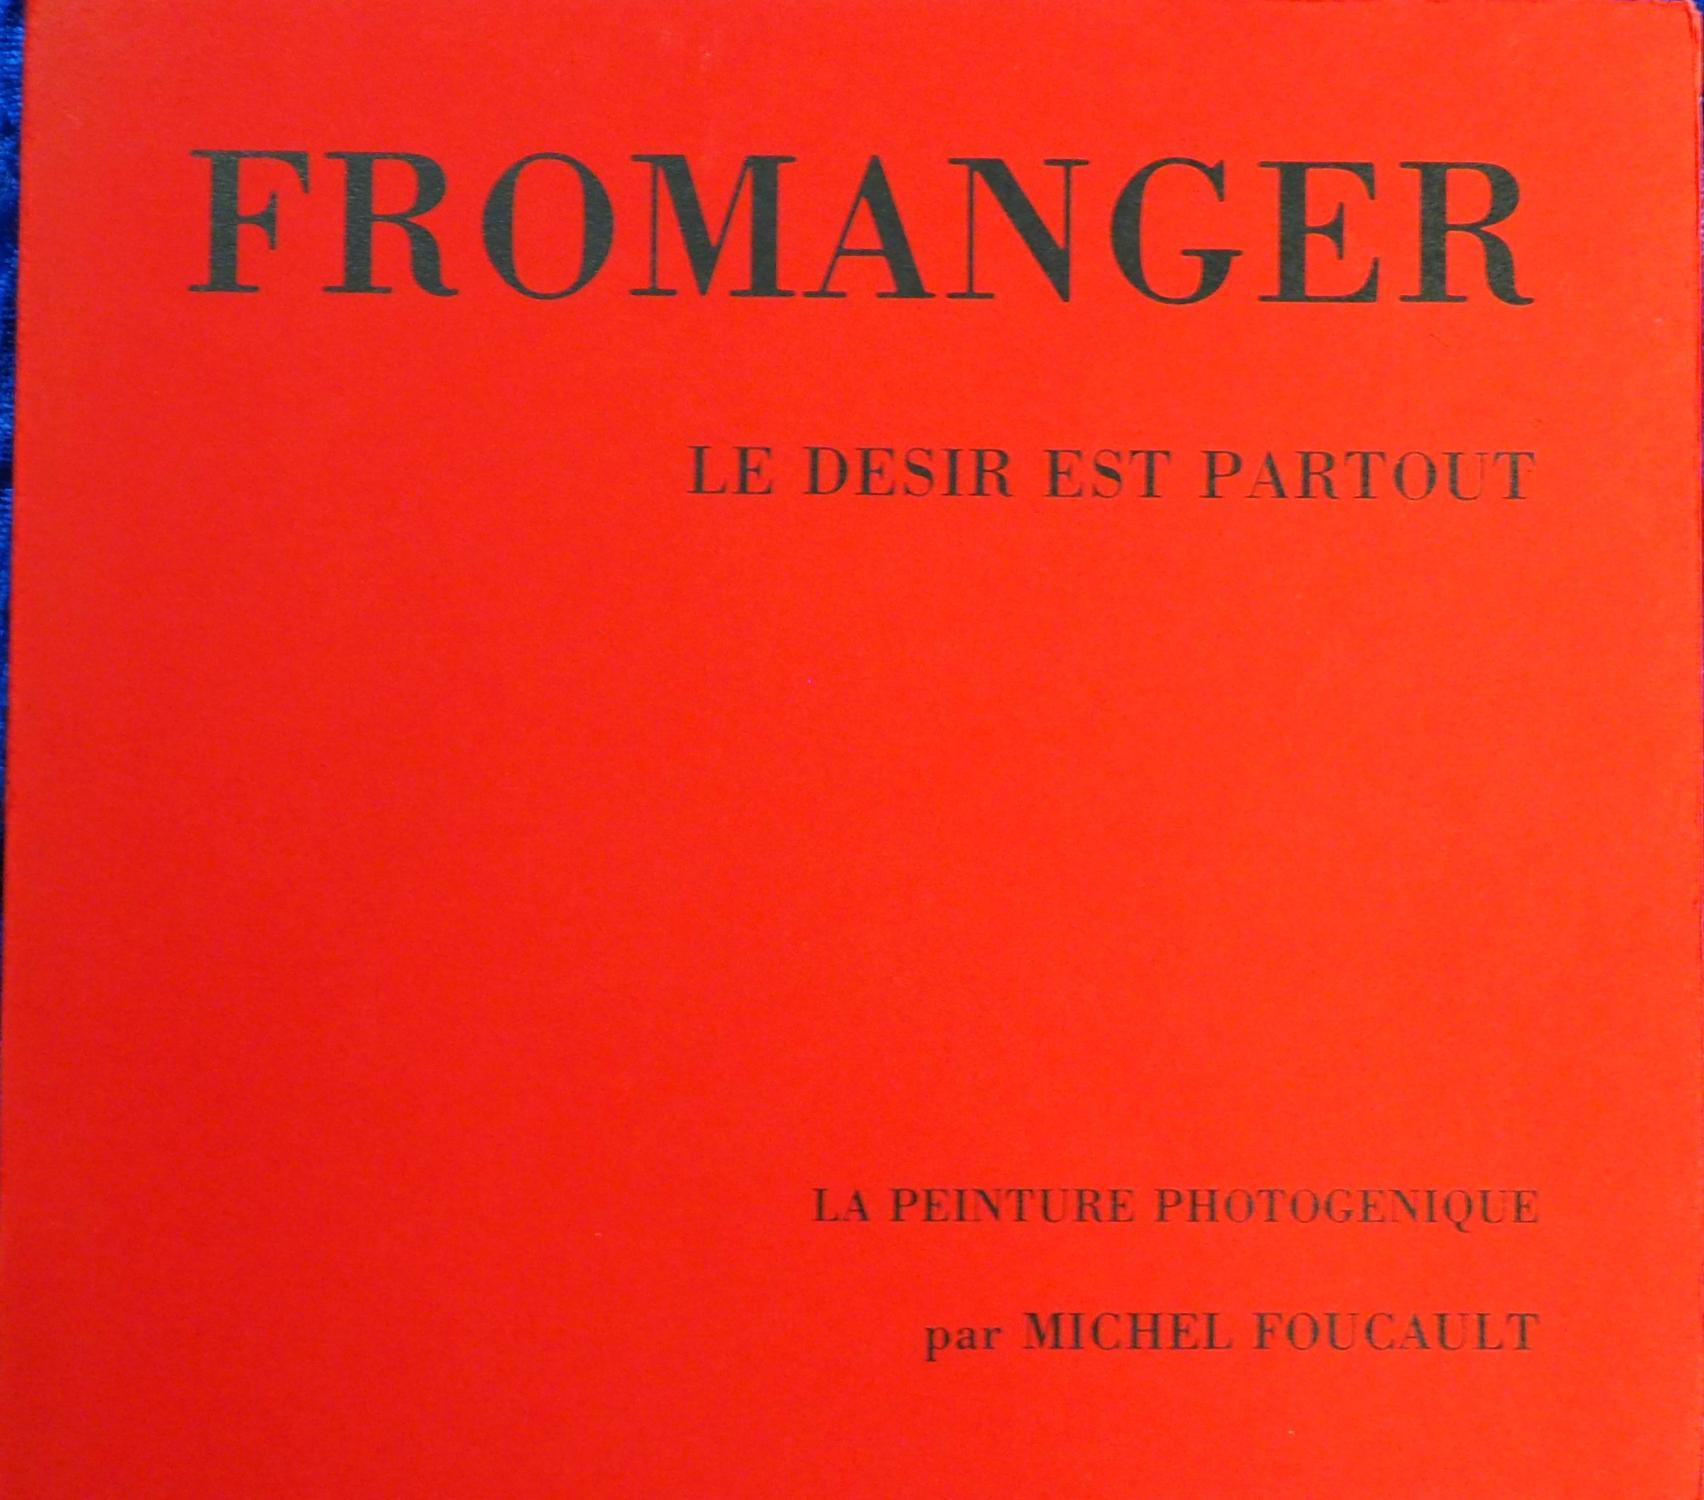 Fromanger. Le Desir es partout. La Peinture: Fromanger, Gerard